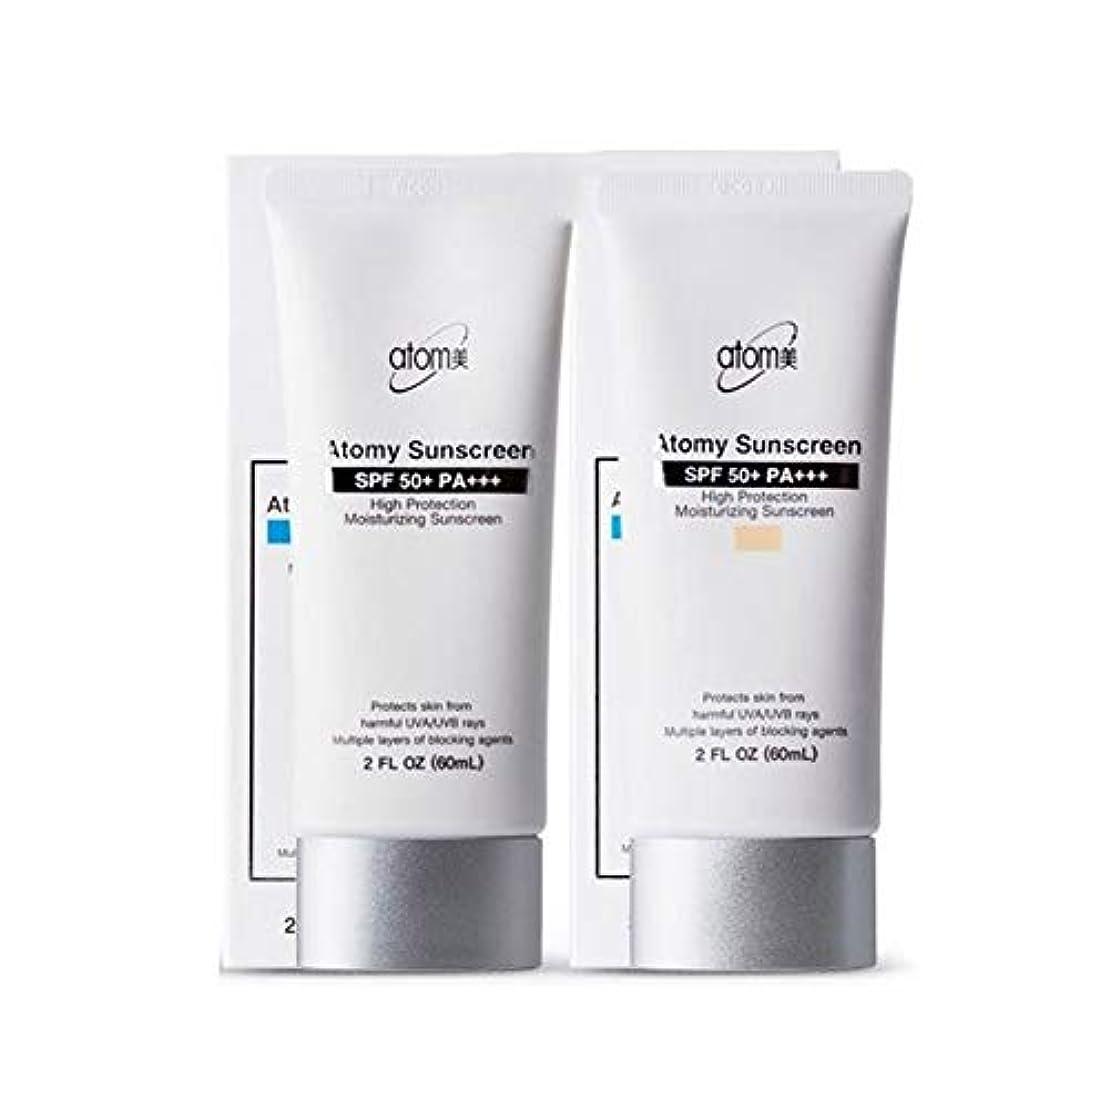 平和的設計図落ちたアトミ(Atomy) サンクリームベージュ+ホワイト(SPF50+/PA+++)60ml、ハイプロテクション、Atomy Sun Cream Beige+White(SPF50+/PA+++)60ml、High Protection...